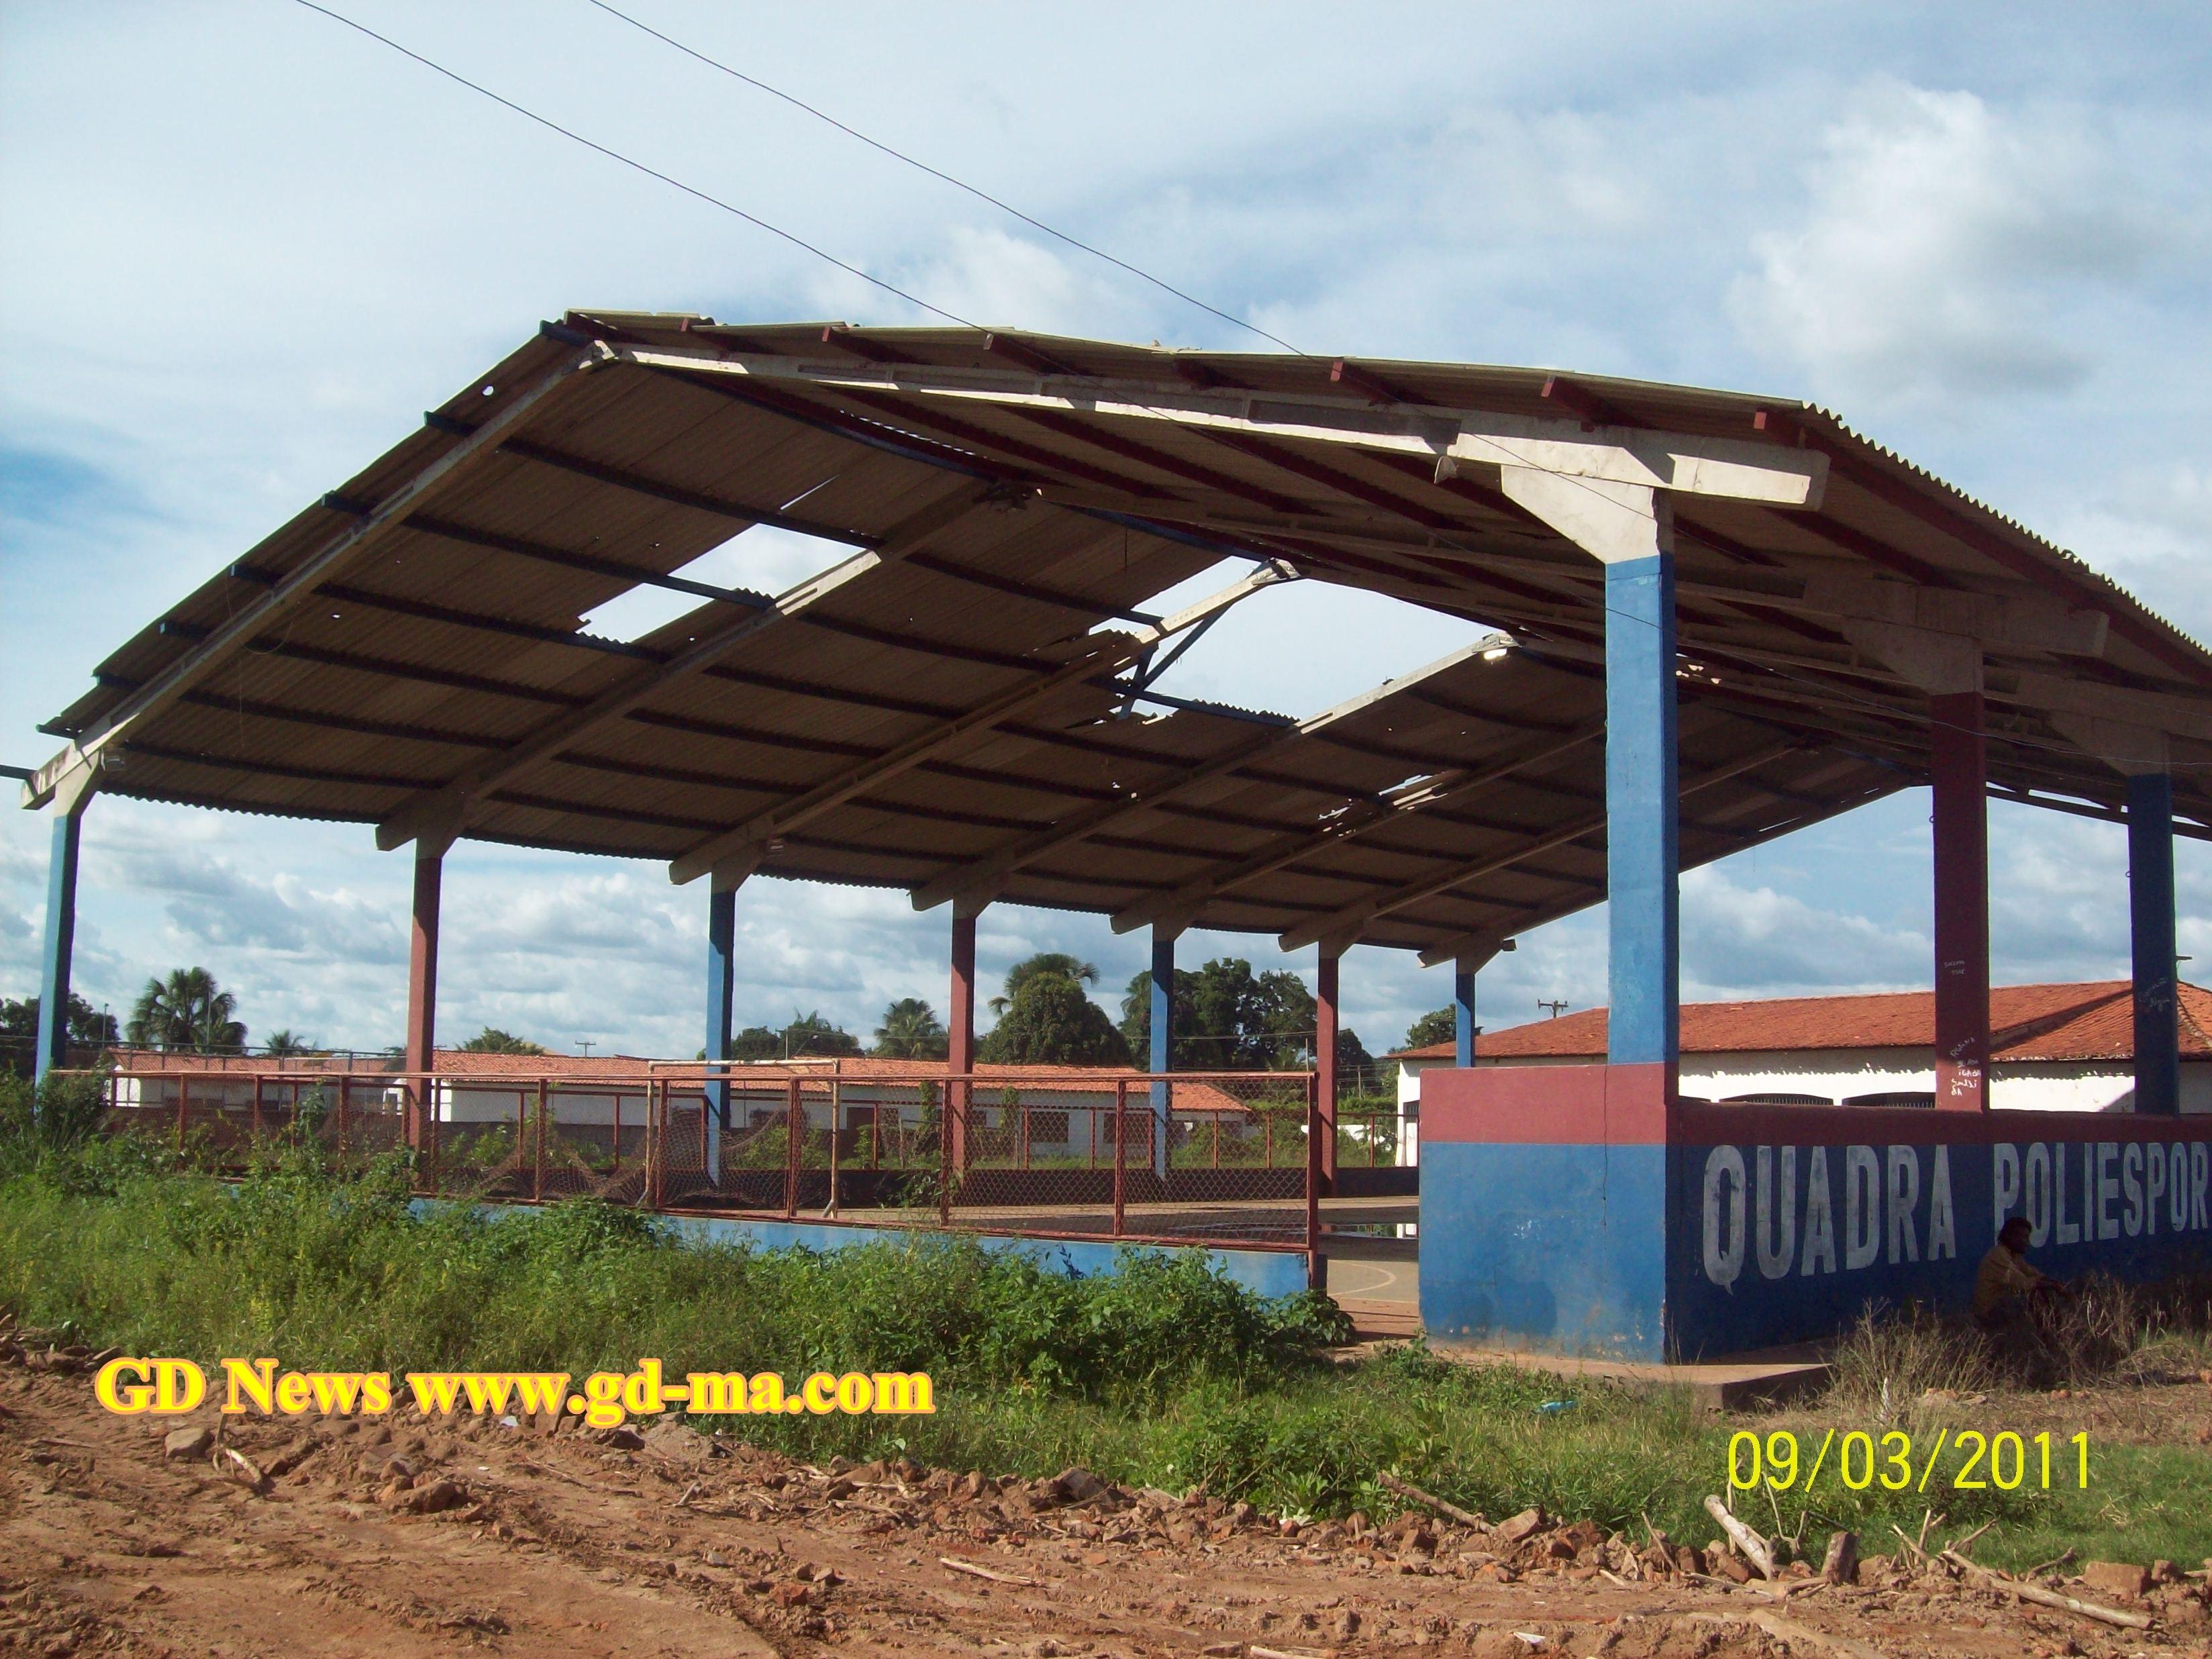 Quadra Coberta na Rua Duque de Caxias na cidade de Gonçalves Dias, viram os buracos no teto?